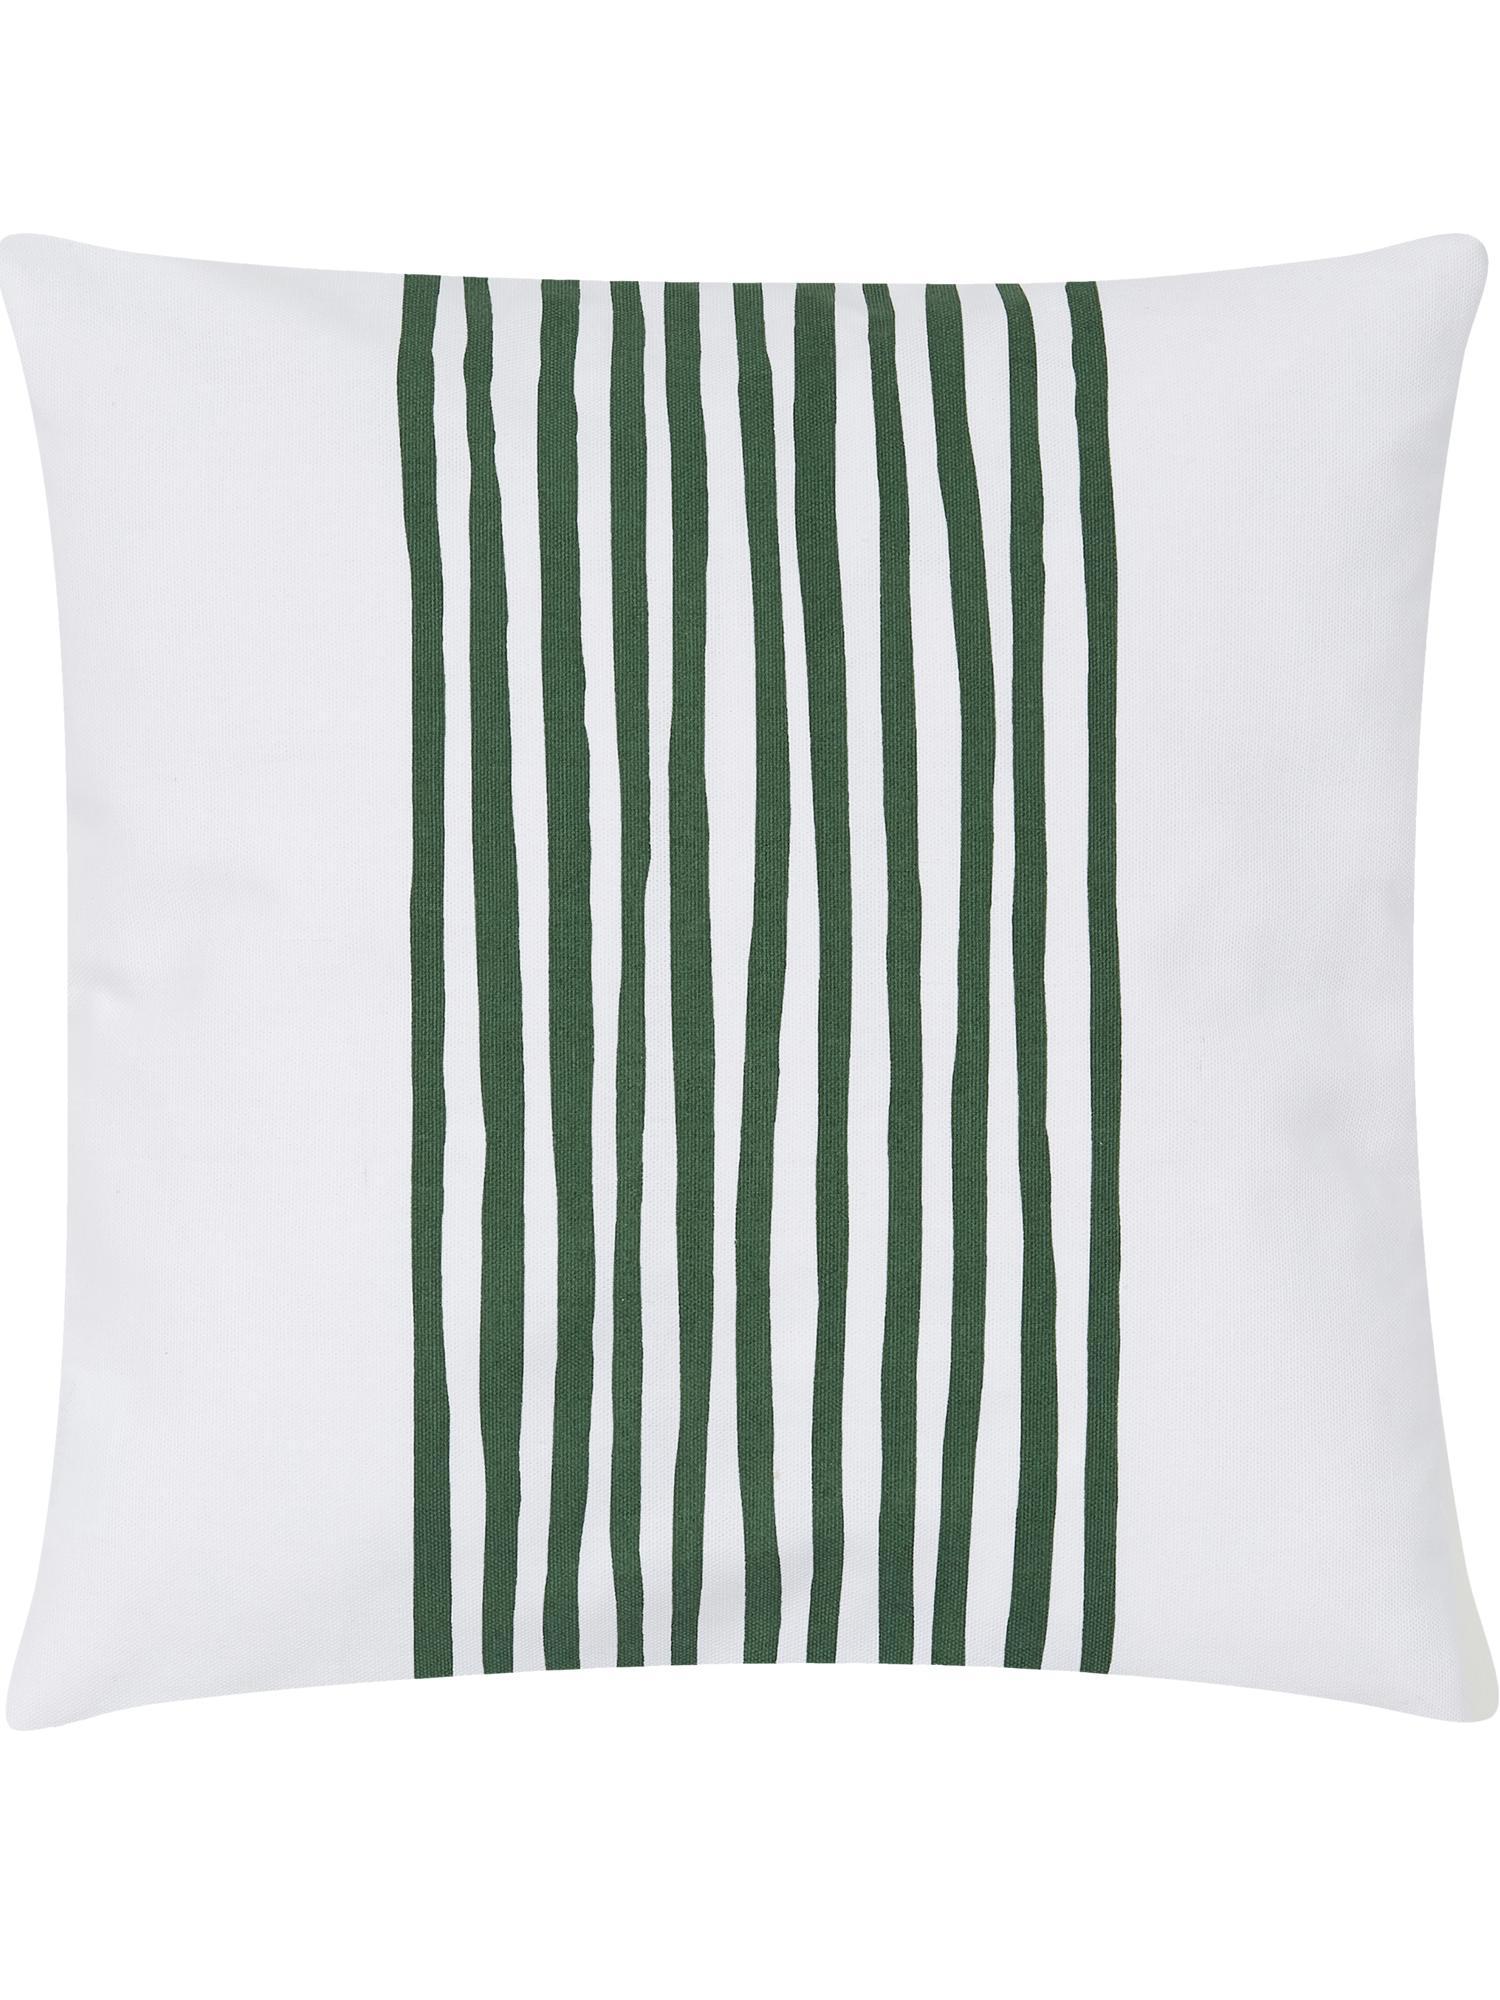 Kissenhülle Corey mit Streifen in Dunkelgrün/Weiß, 100% Baumwolle, Weiß, Dunkelgrün, 40 x 40 cm